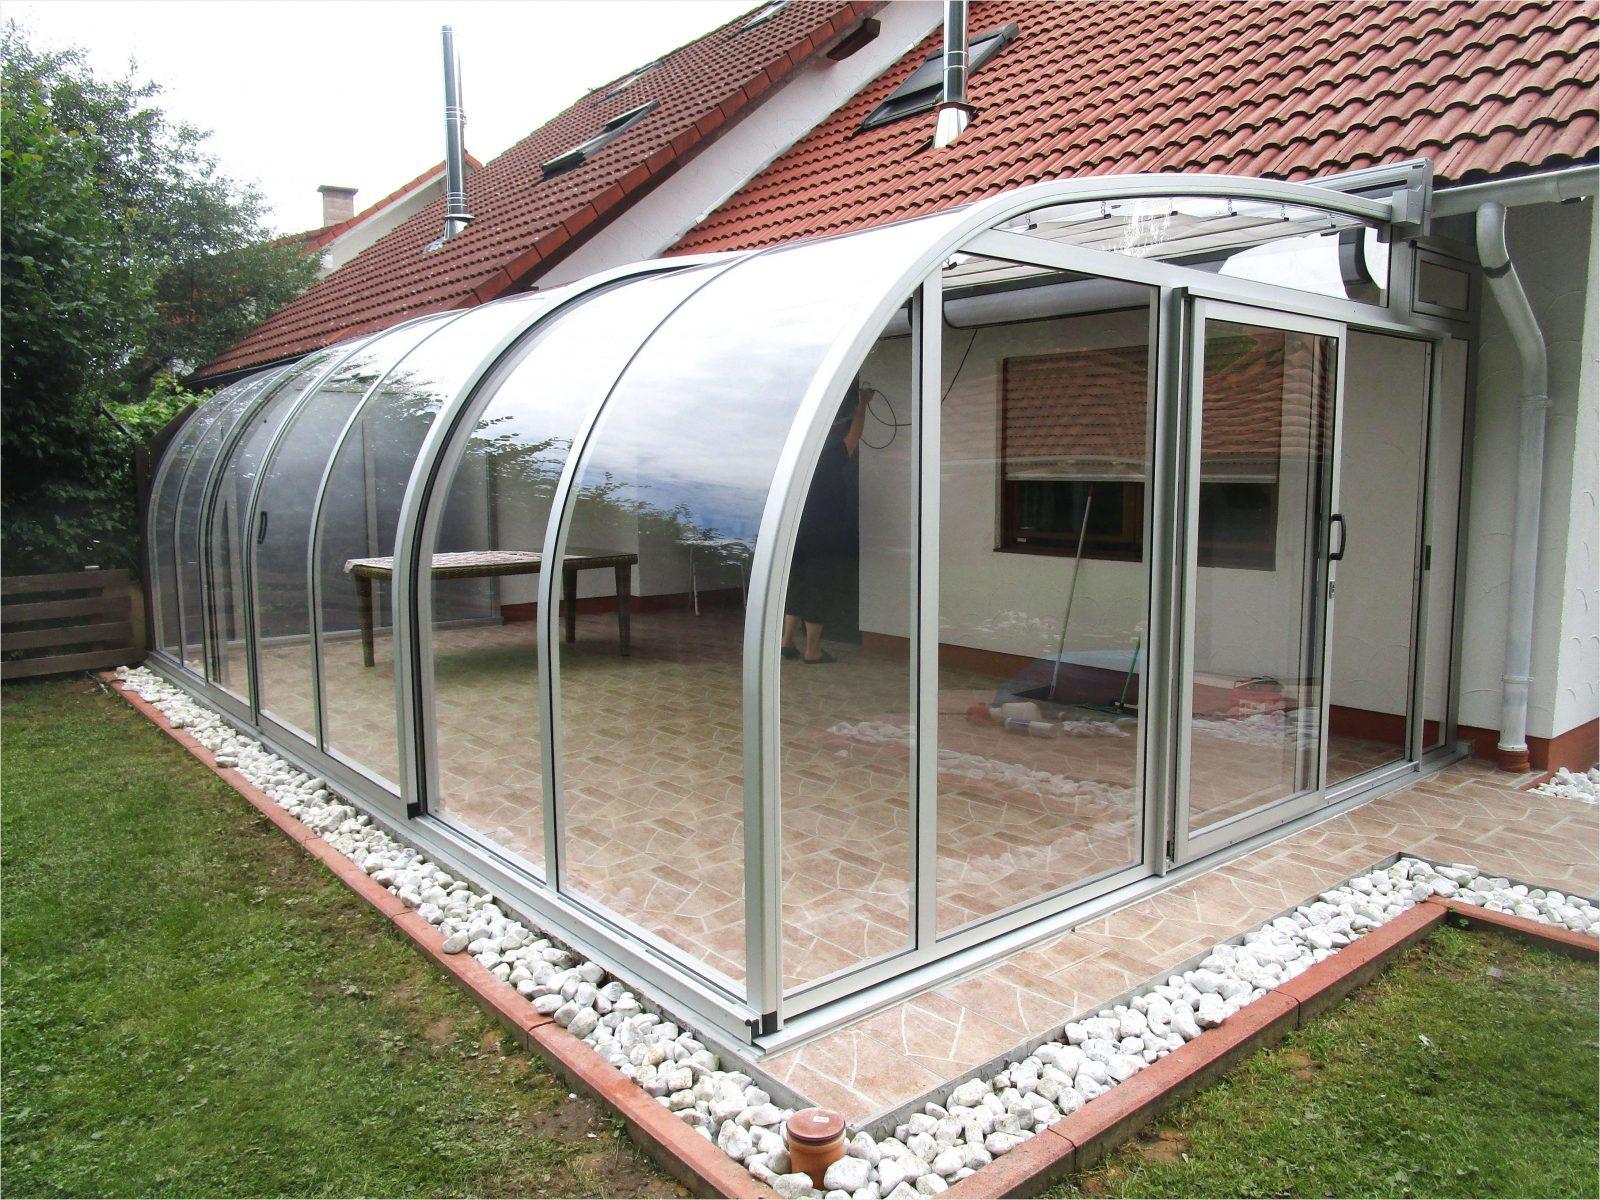 Veranda aus holz selber bauen haus design ideen - Veranda selber bauen ...